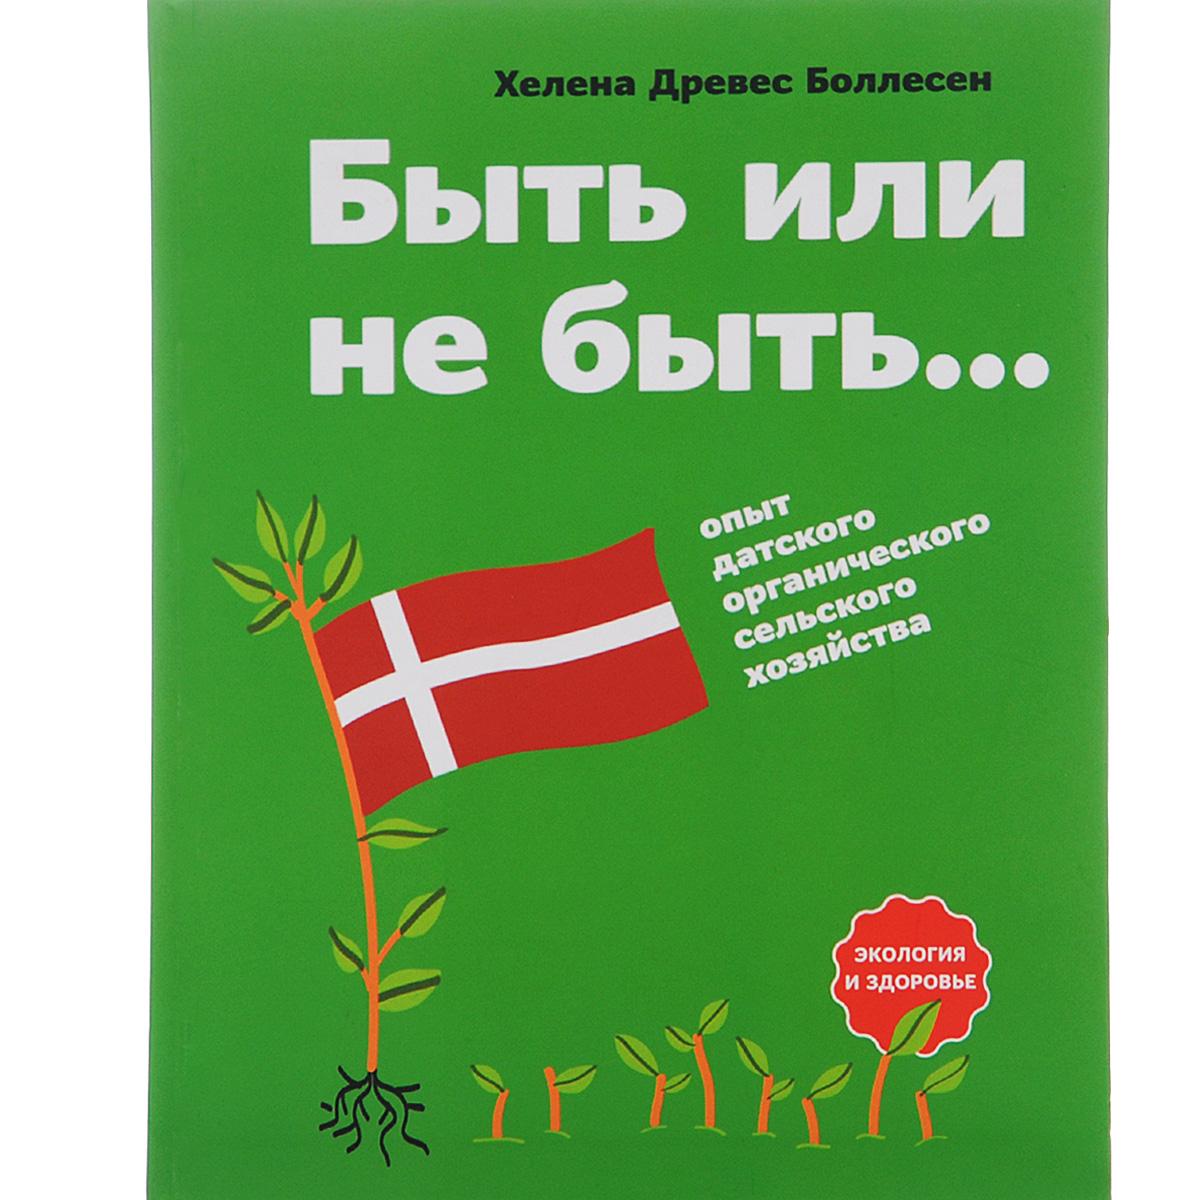 Хелена Древес Боллесен Быть или не быть... Опыт датского органического сельского хозяйства хелена роз свои правила